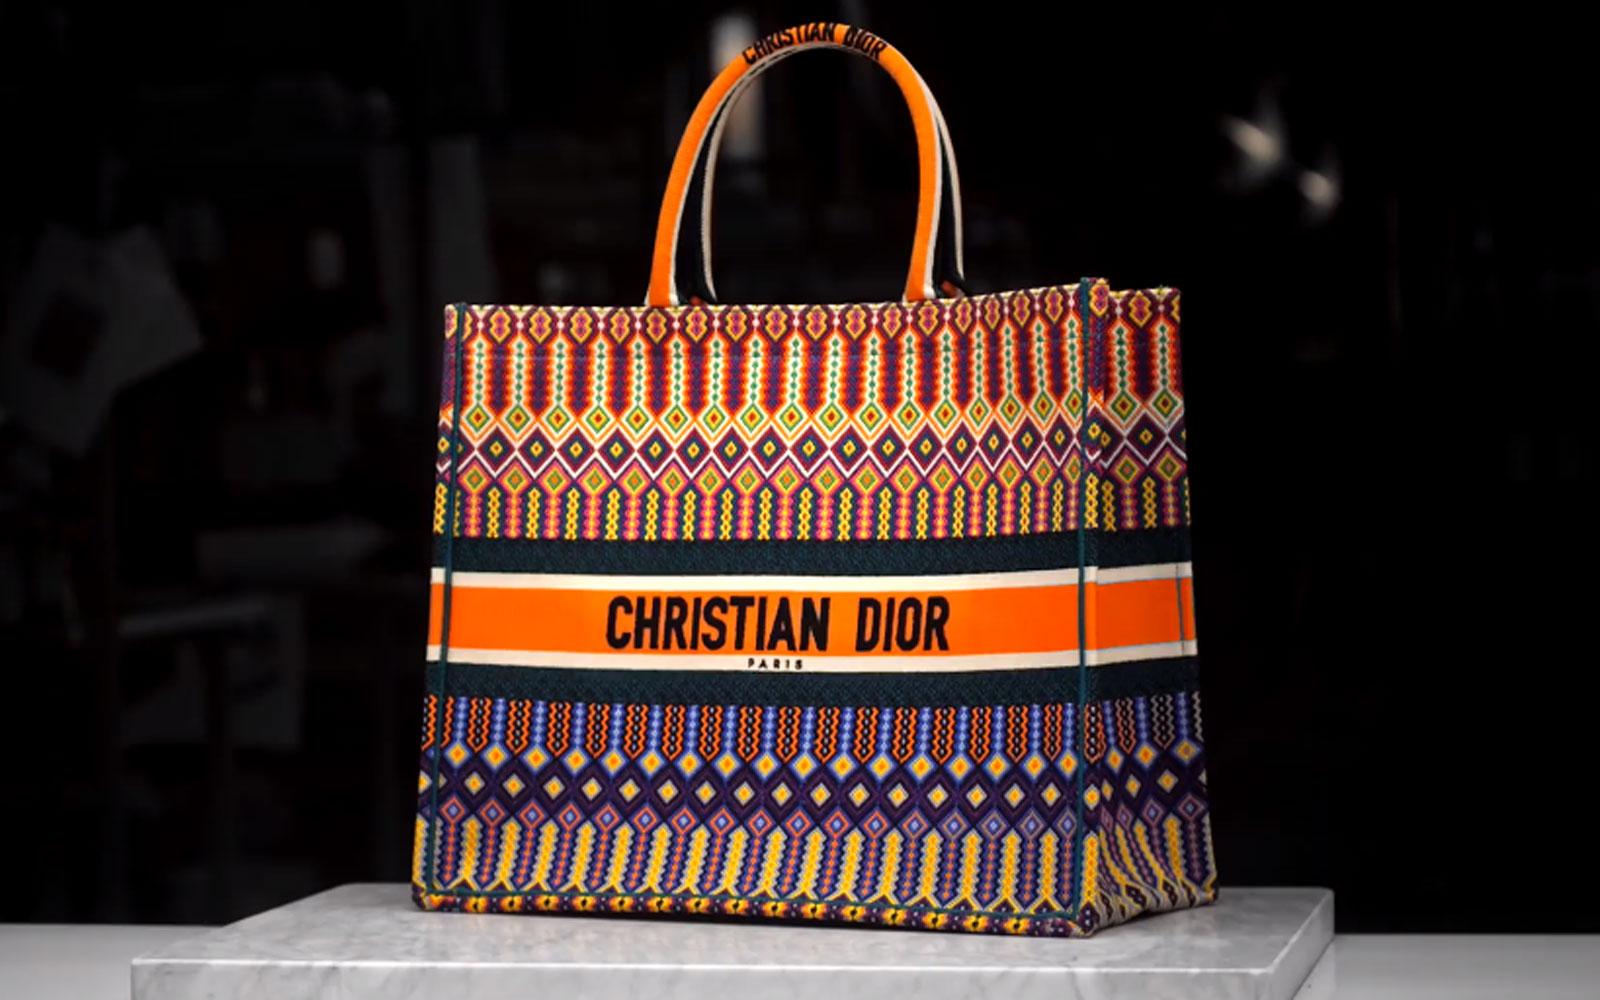 Oferta Ver a través de Largo  Piratas: Christian Dior copia descaradamente los diseños huicholes – Barrio